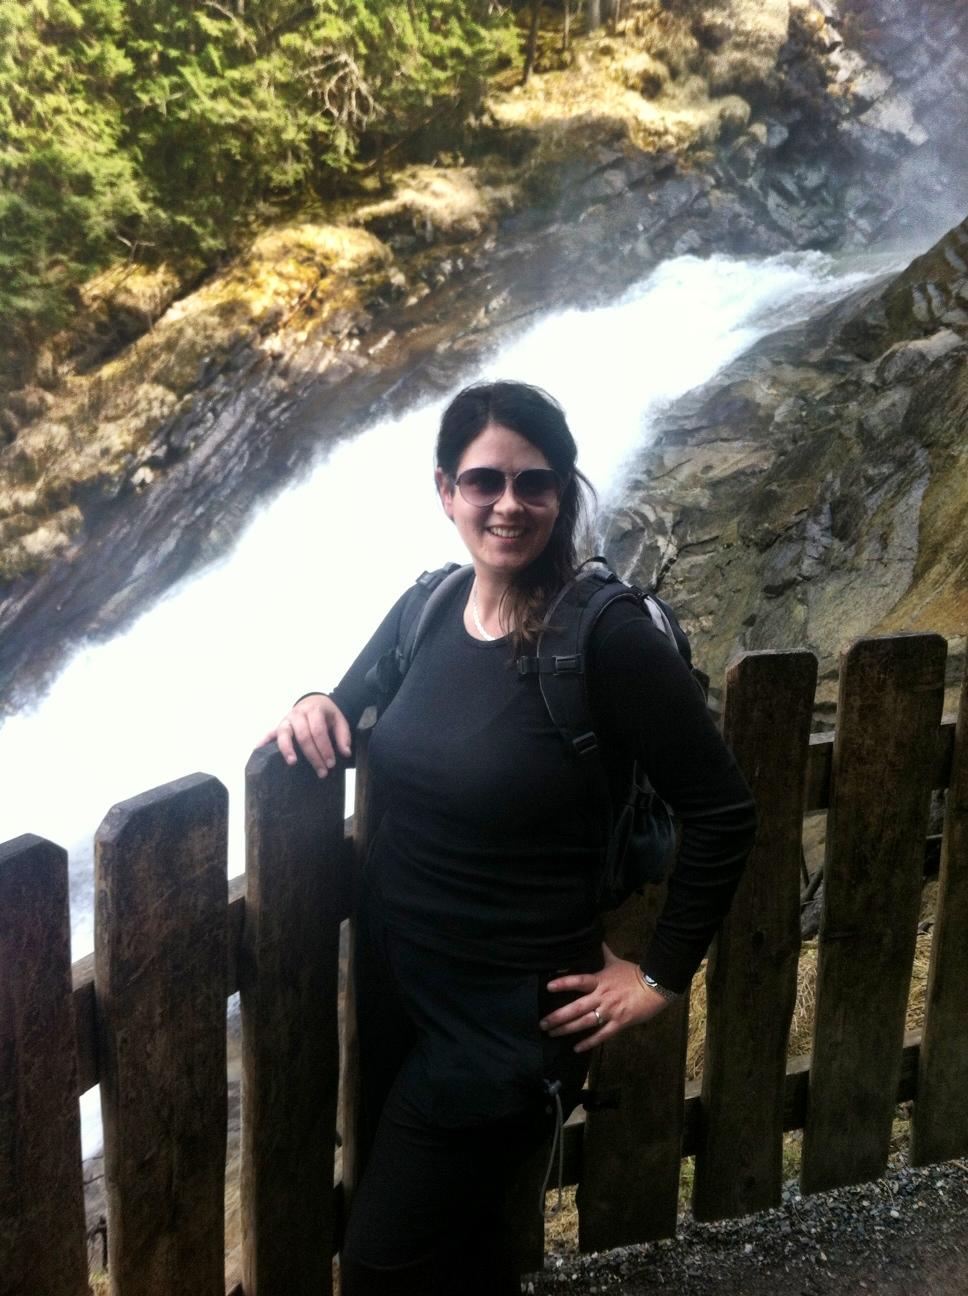 Me enjoying Krimml Waterfall at one of several viewing platforms.